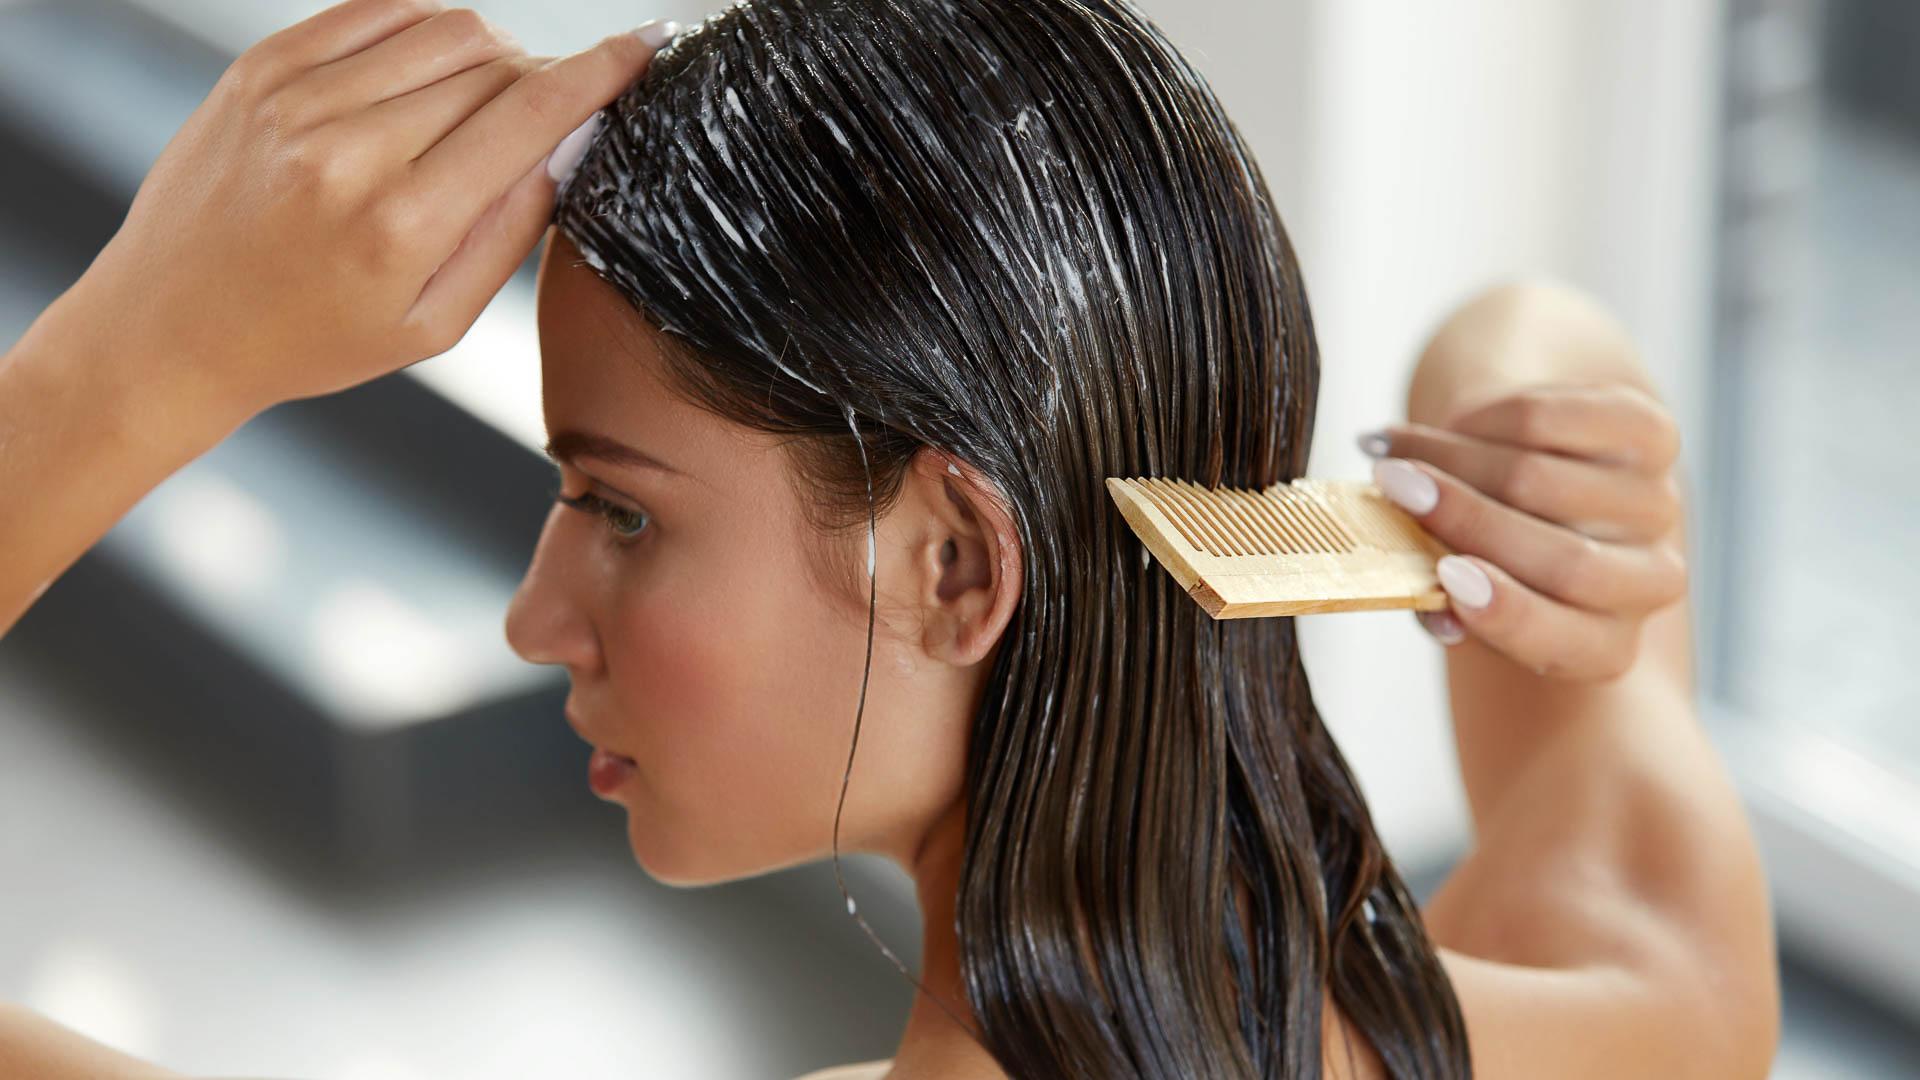 5 обязательных средств по уходу за волосами, которые должны быть у каждой женщины